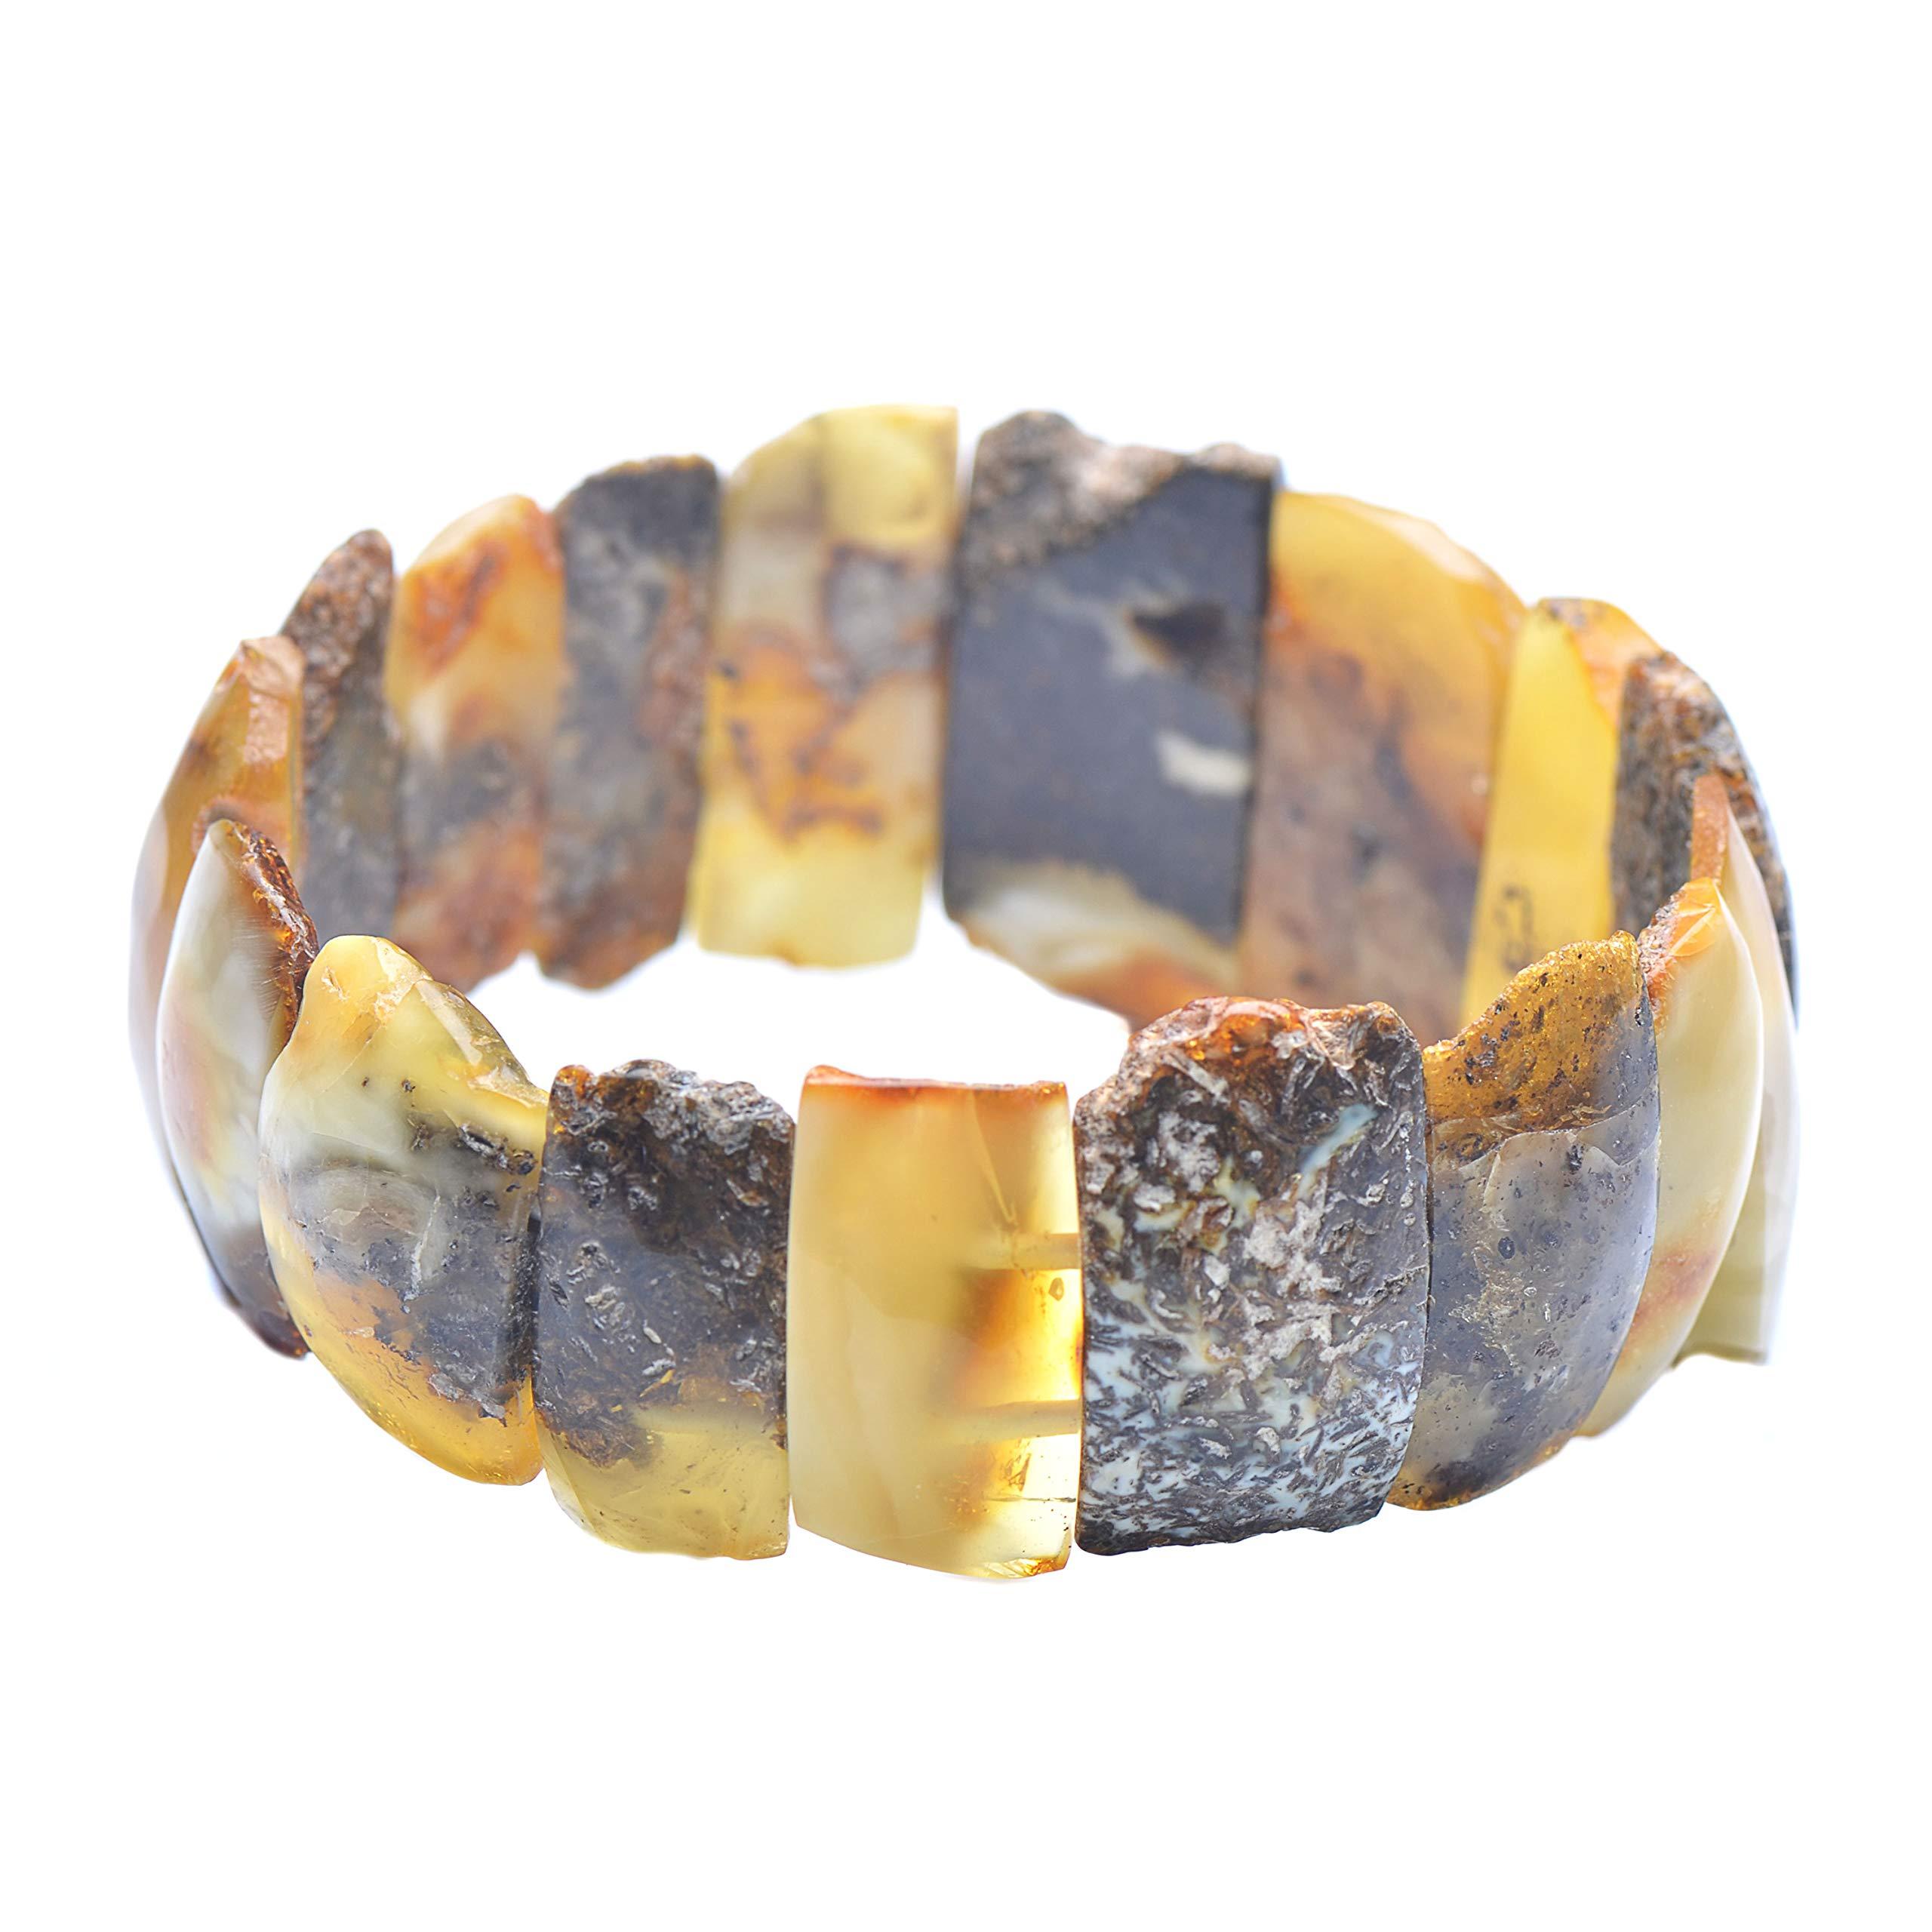 Colorful Amber Bracelet - Vintage Bracelet - Amber Bracelet - Vintage Amber Bracelet - Baltic Amber Bracelet by Genuine Amber (Image #3)